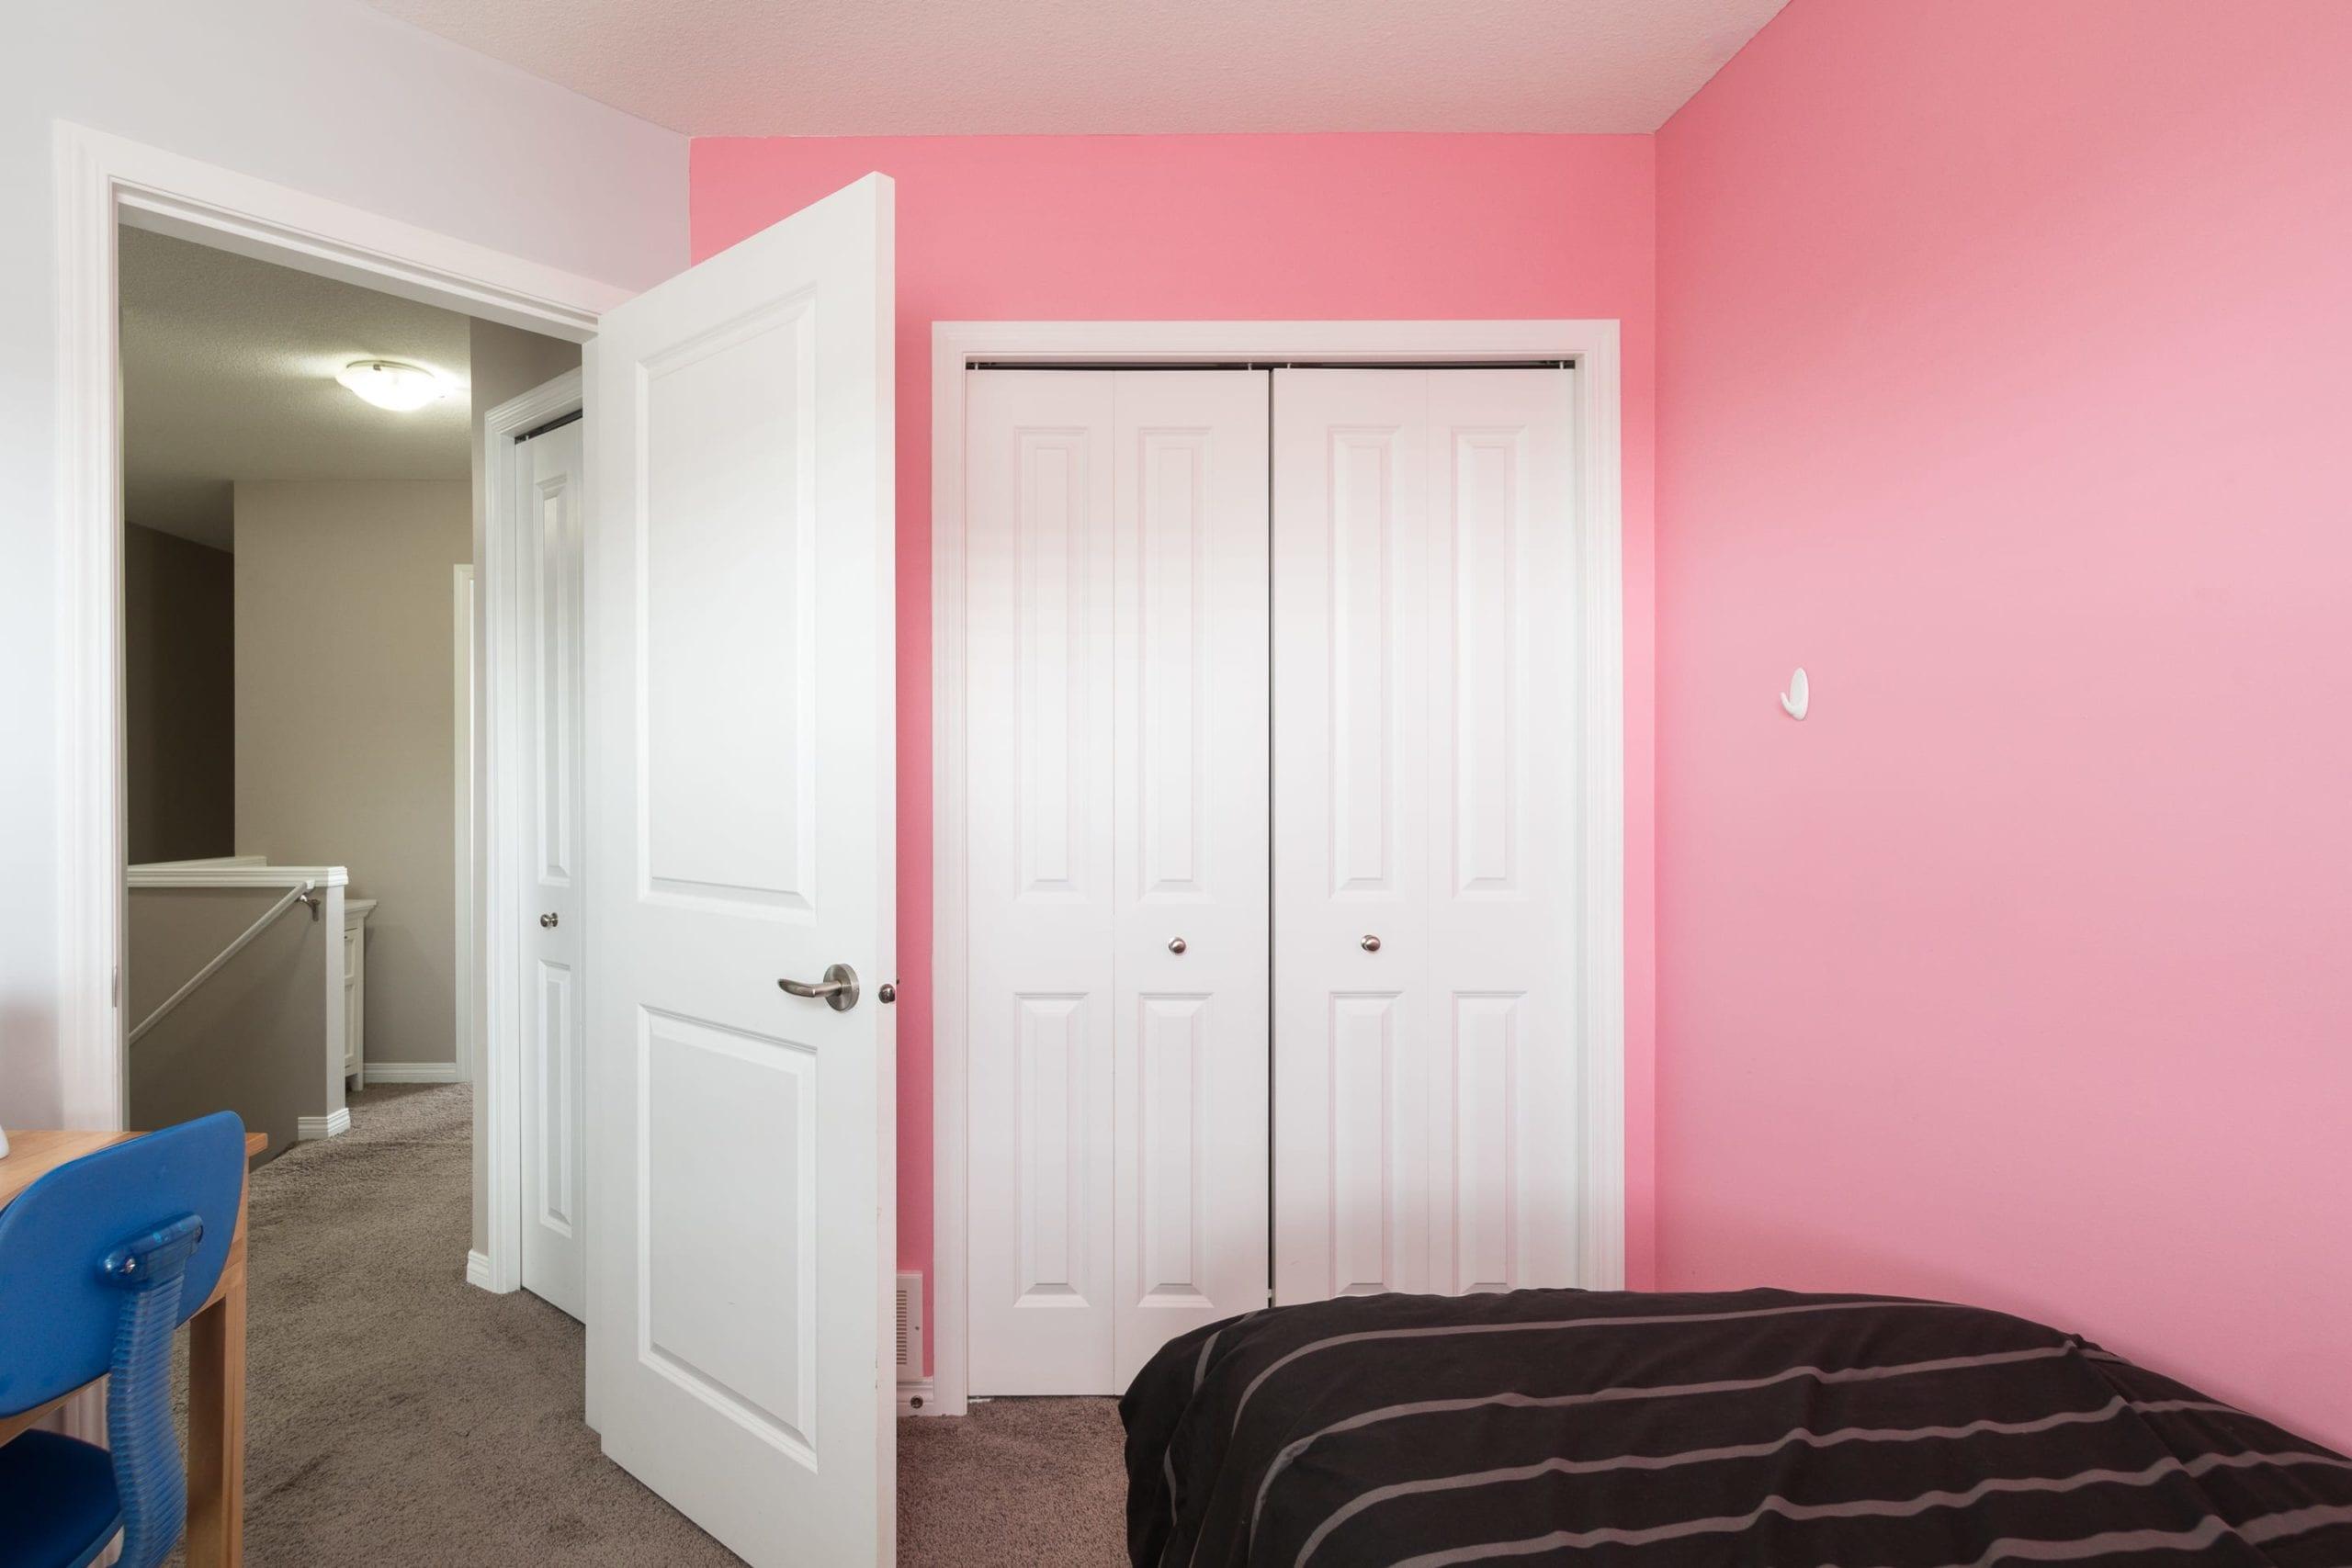 Hello Gorgeous - 1502 1001 8St NW - Tara Molina Real Estate (17 of 28)